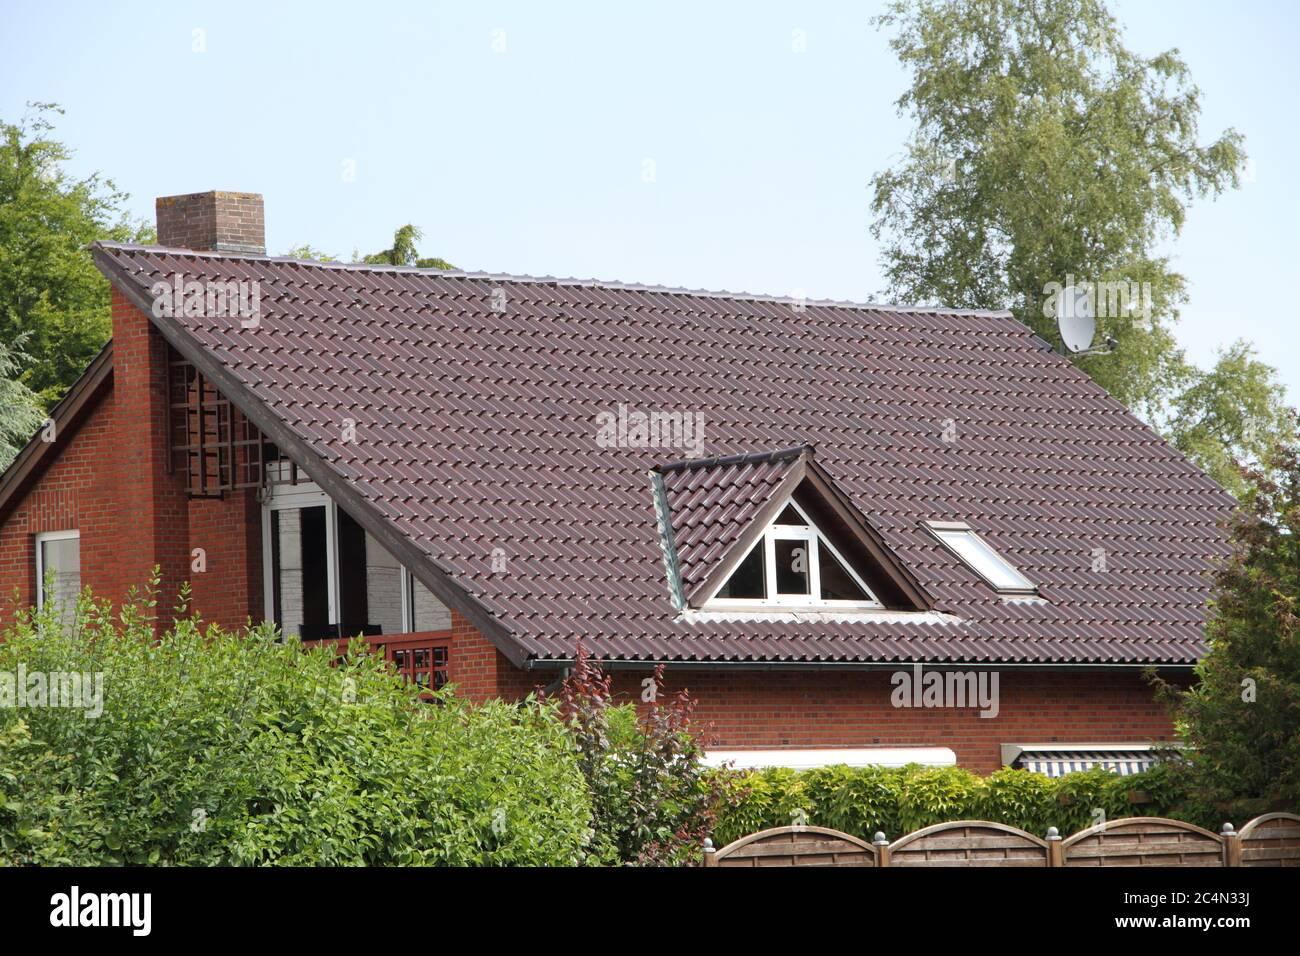 una finestra dormer su un tetto appena coperto Foto Stock